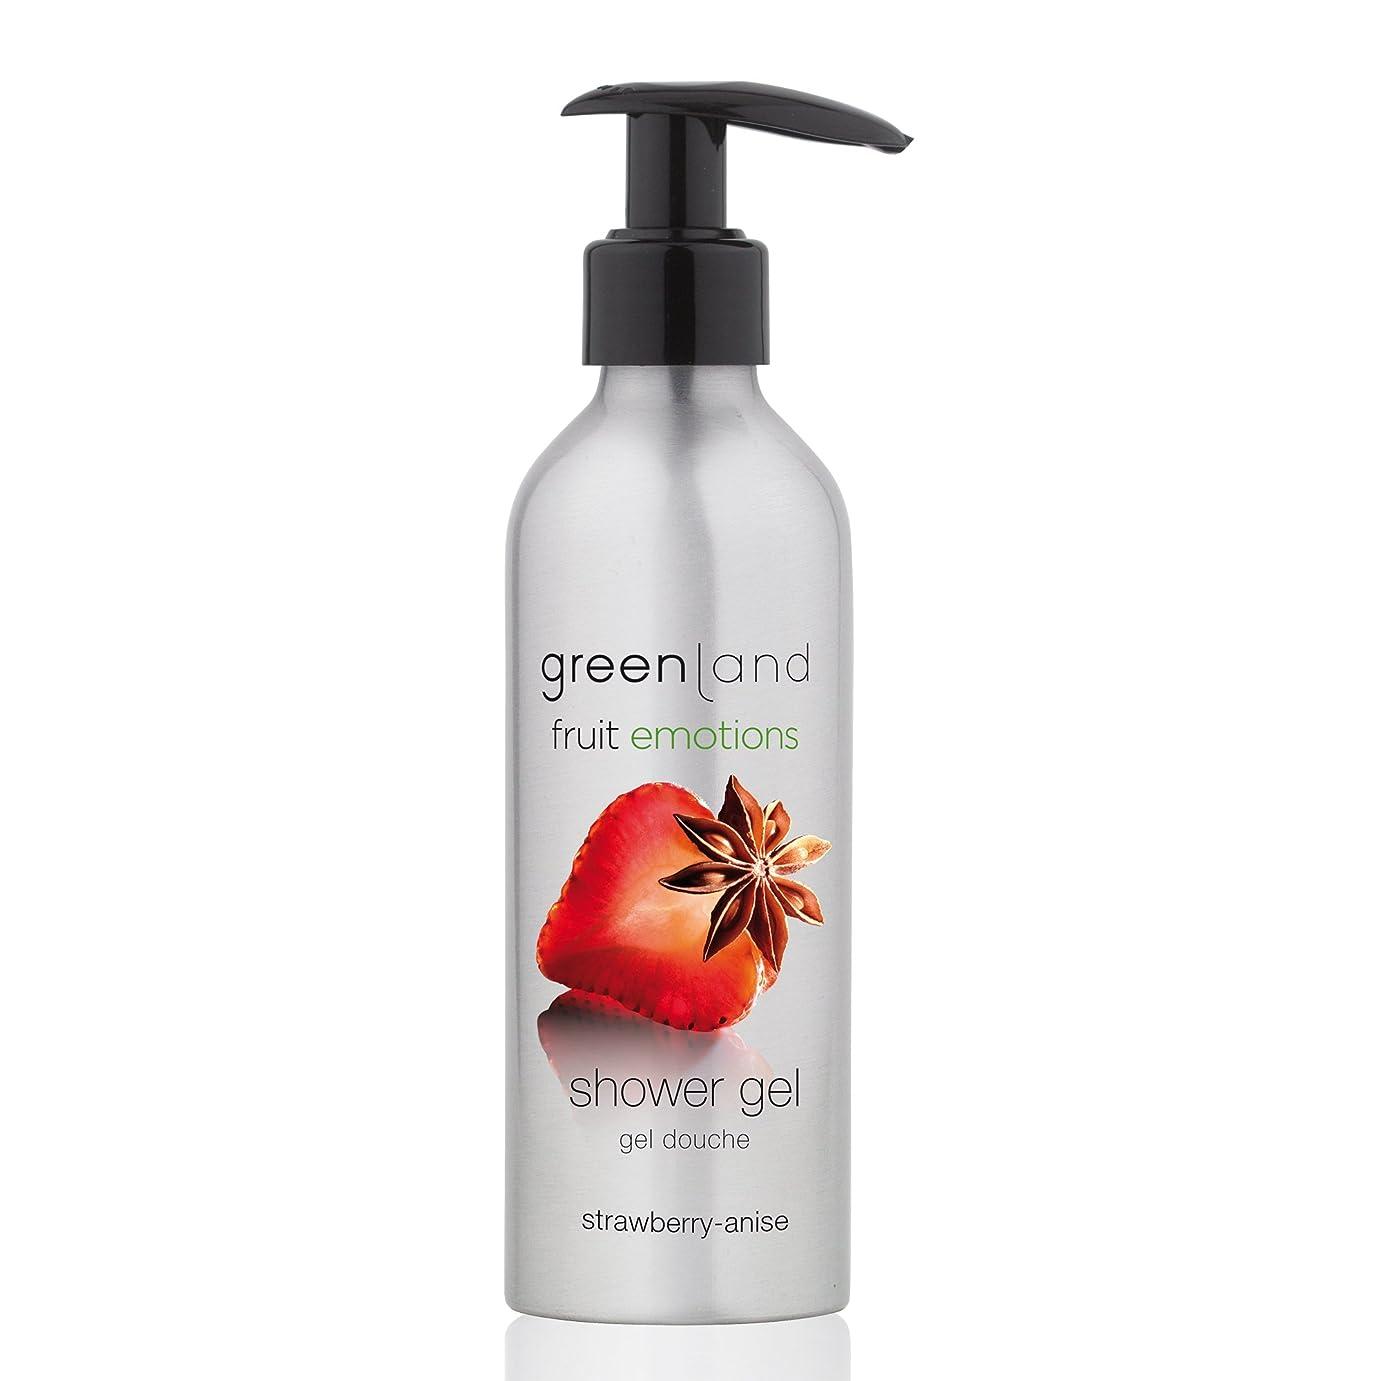 立派な食料品店医薬品greenland [FruitEmotions] シャワージェル 200ml ストロベリー&アニス FE0217